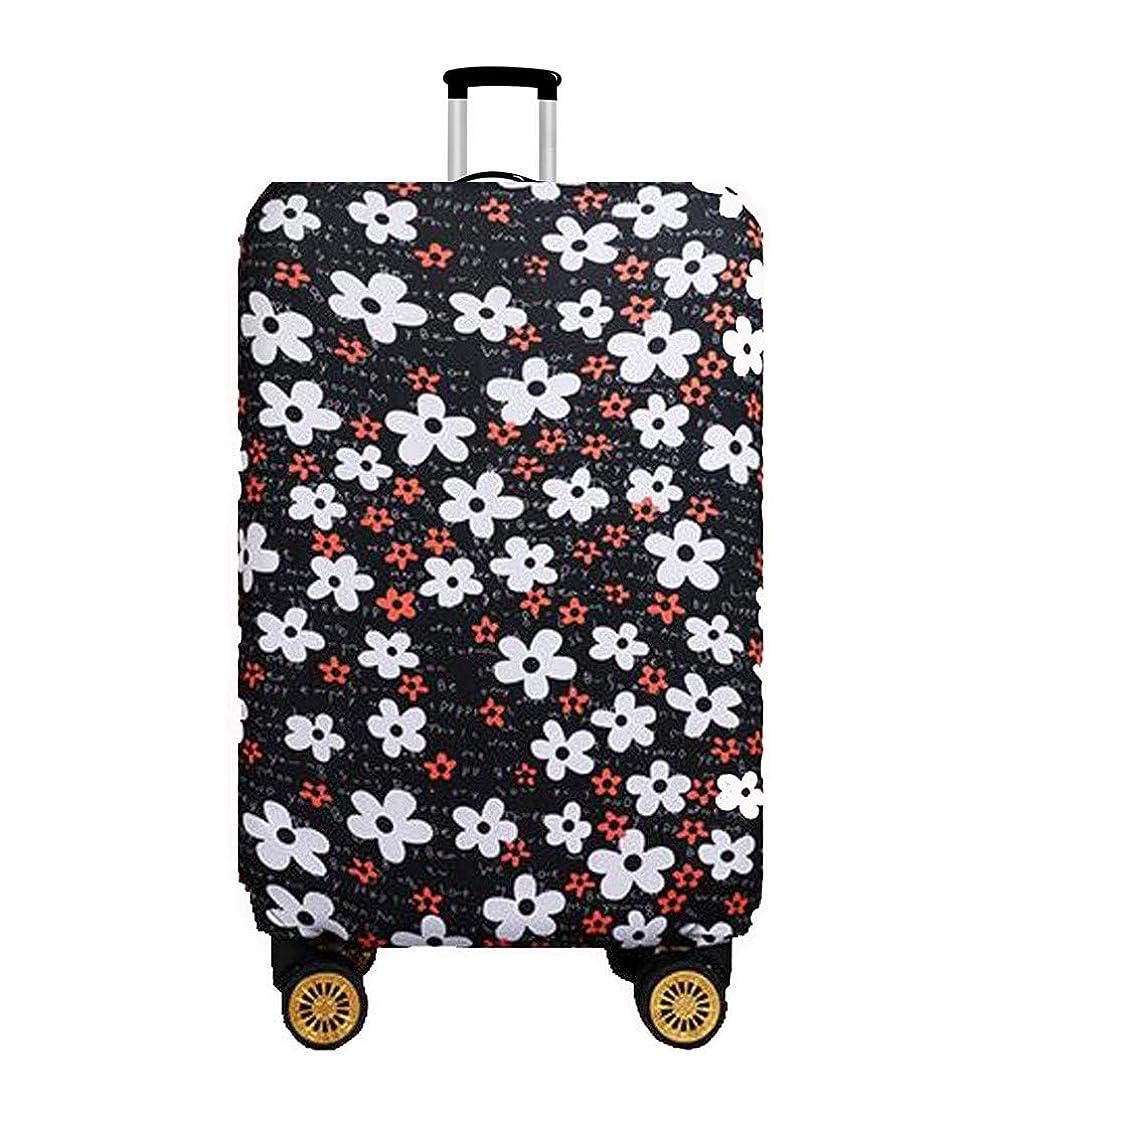 南東イデオロギー出演者[リグラル] スーツケースカバー キャリーバッグカバー 旅行バックカバー カラフル